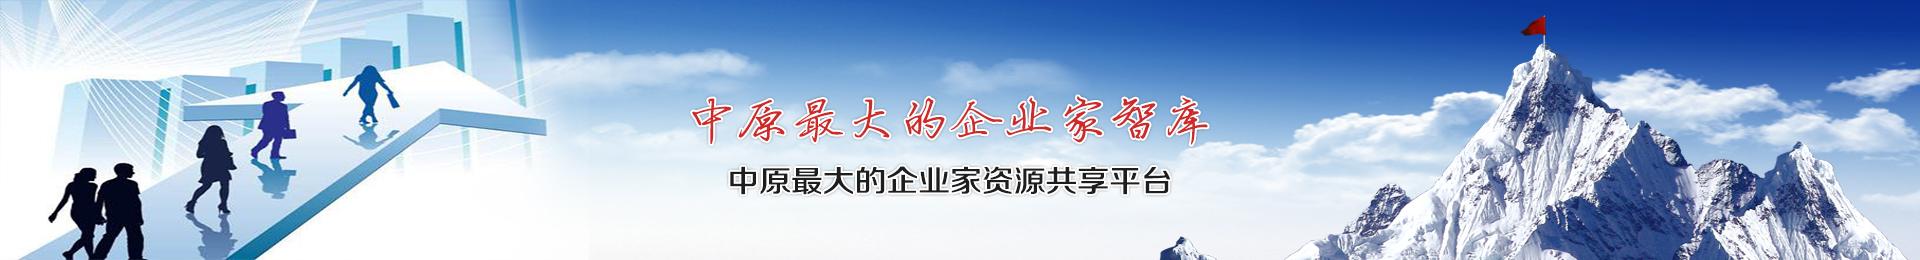 鄭州管理顧問公司